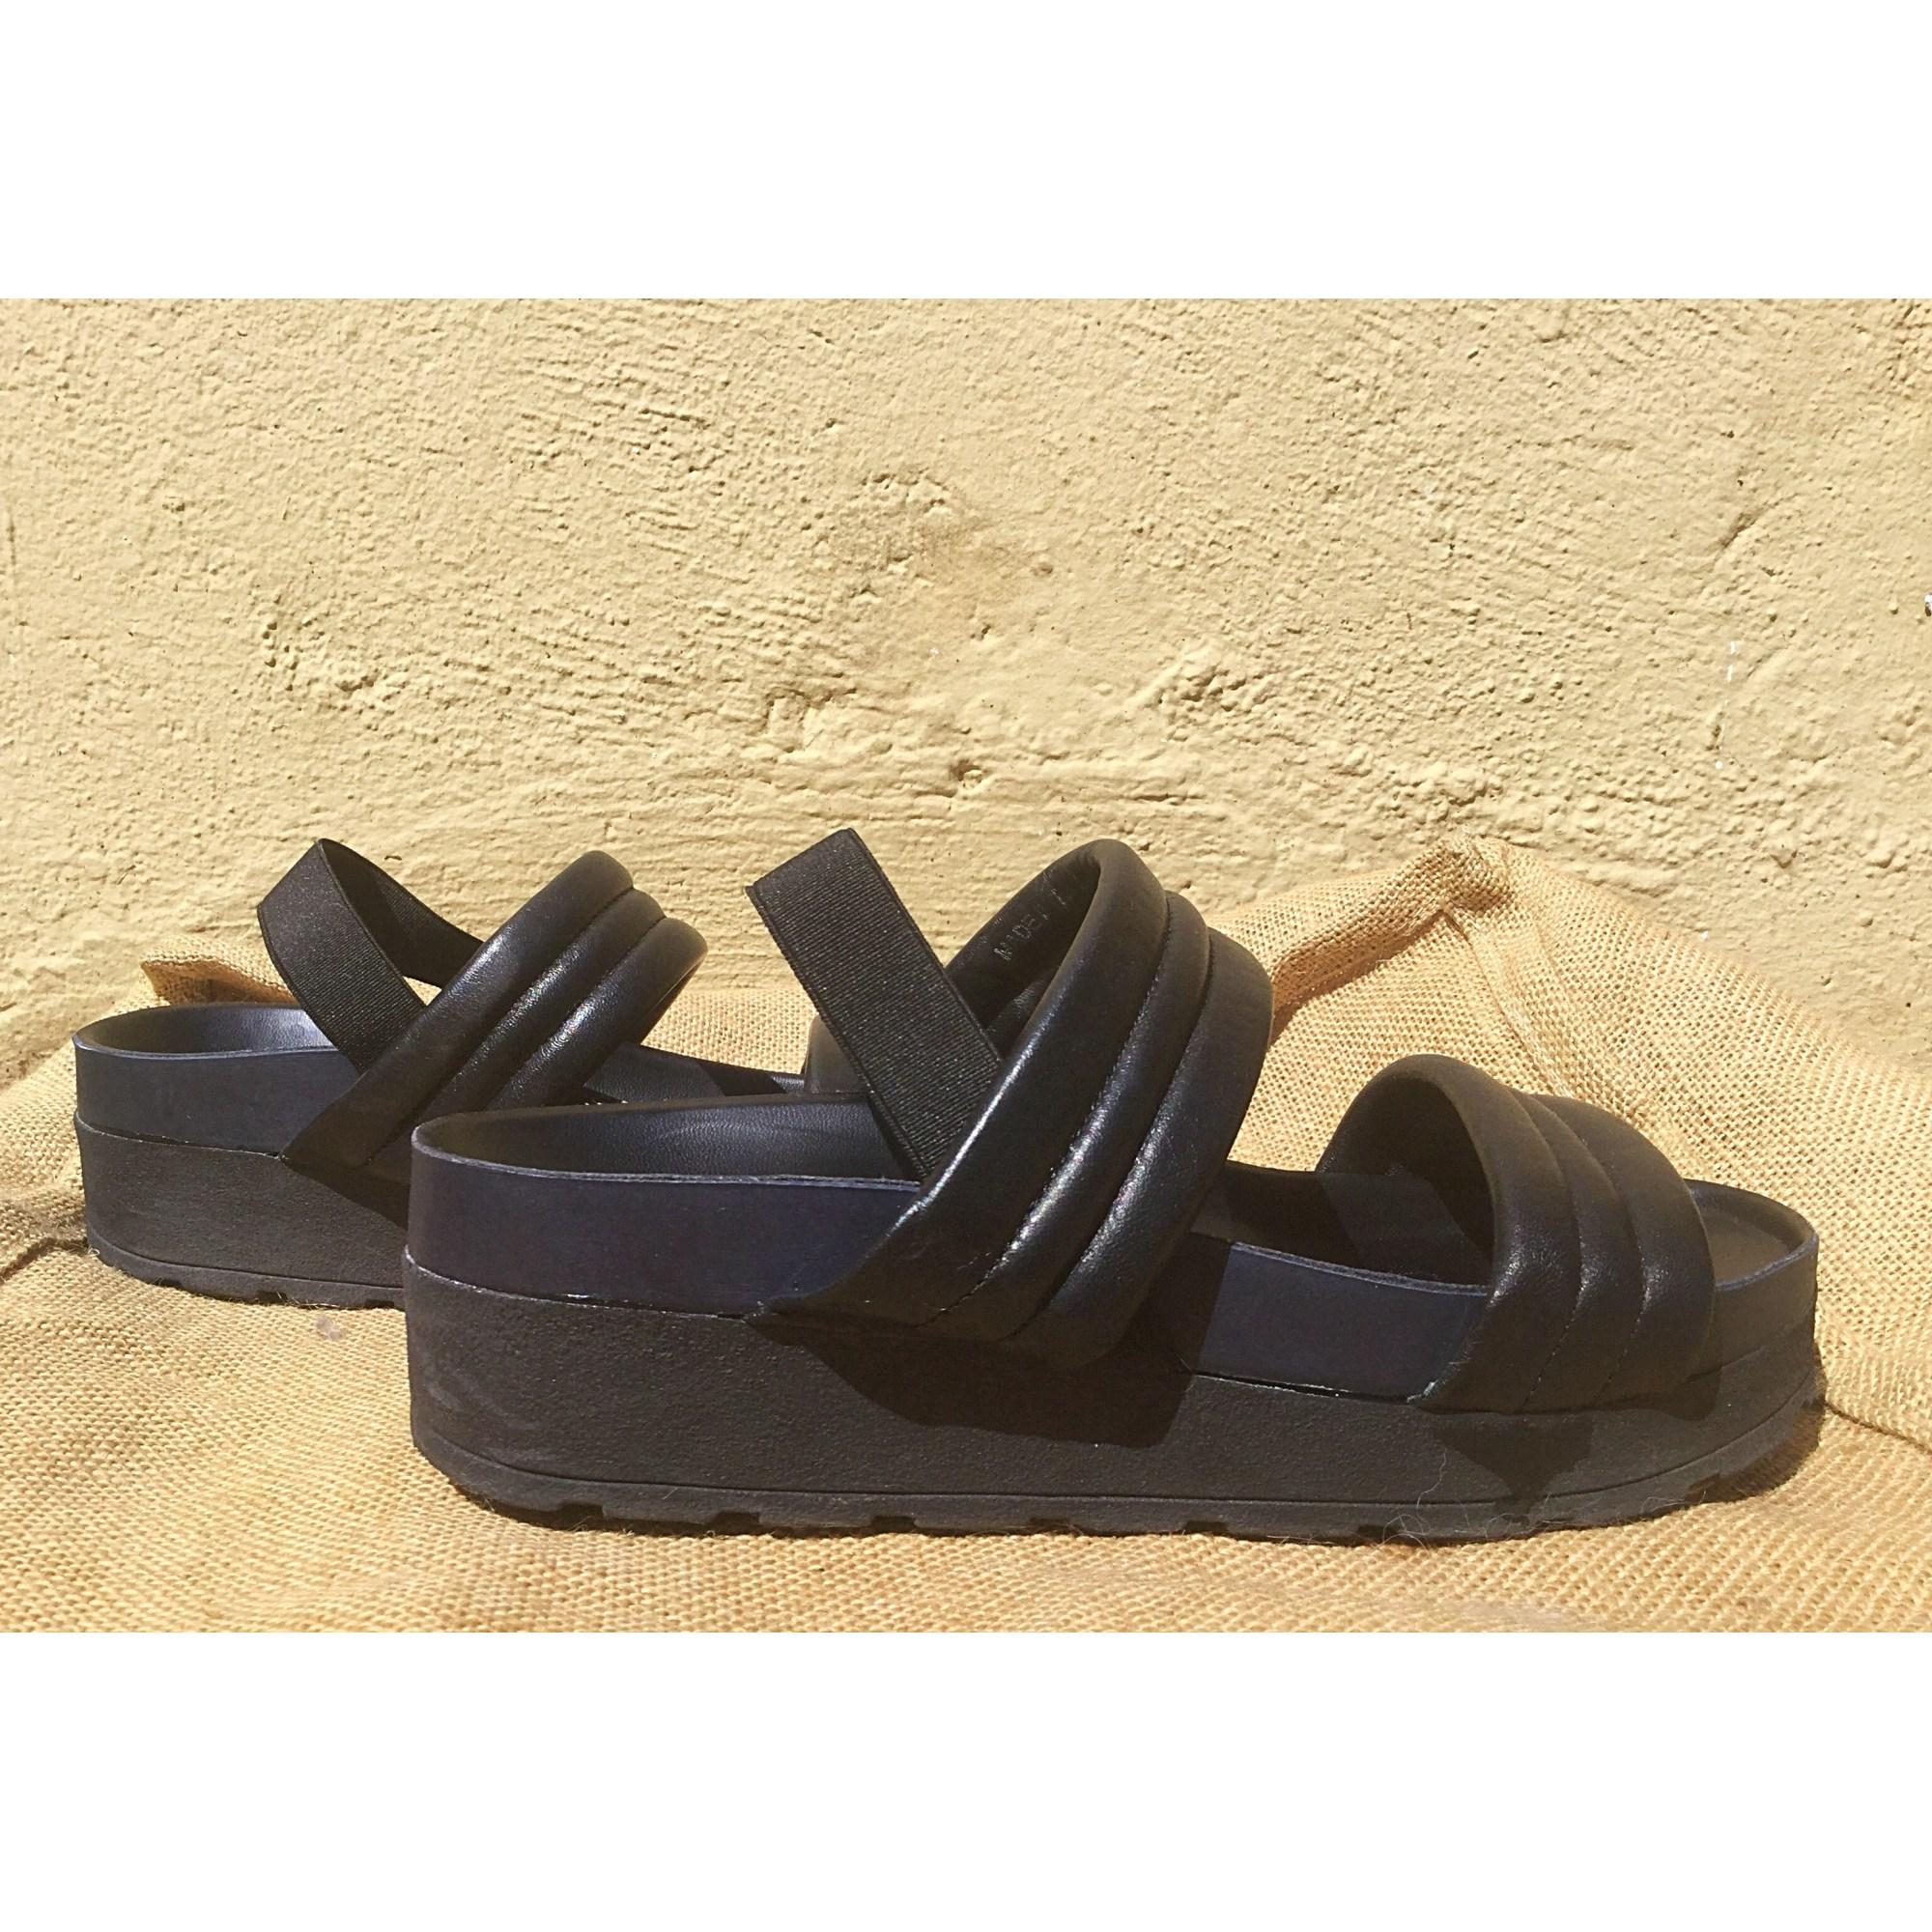 Noir Compensées Sandales Asos 7569895 38 MVUzpSGq